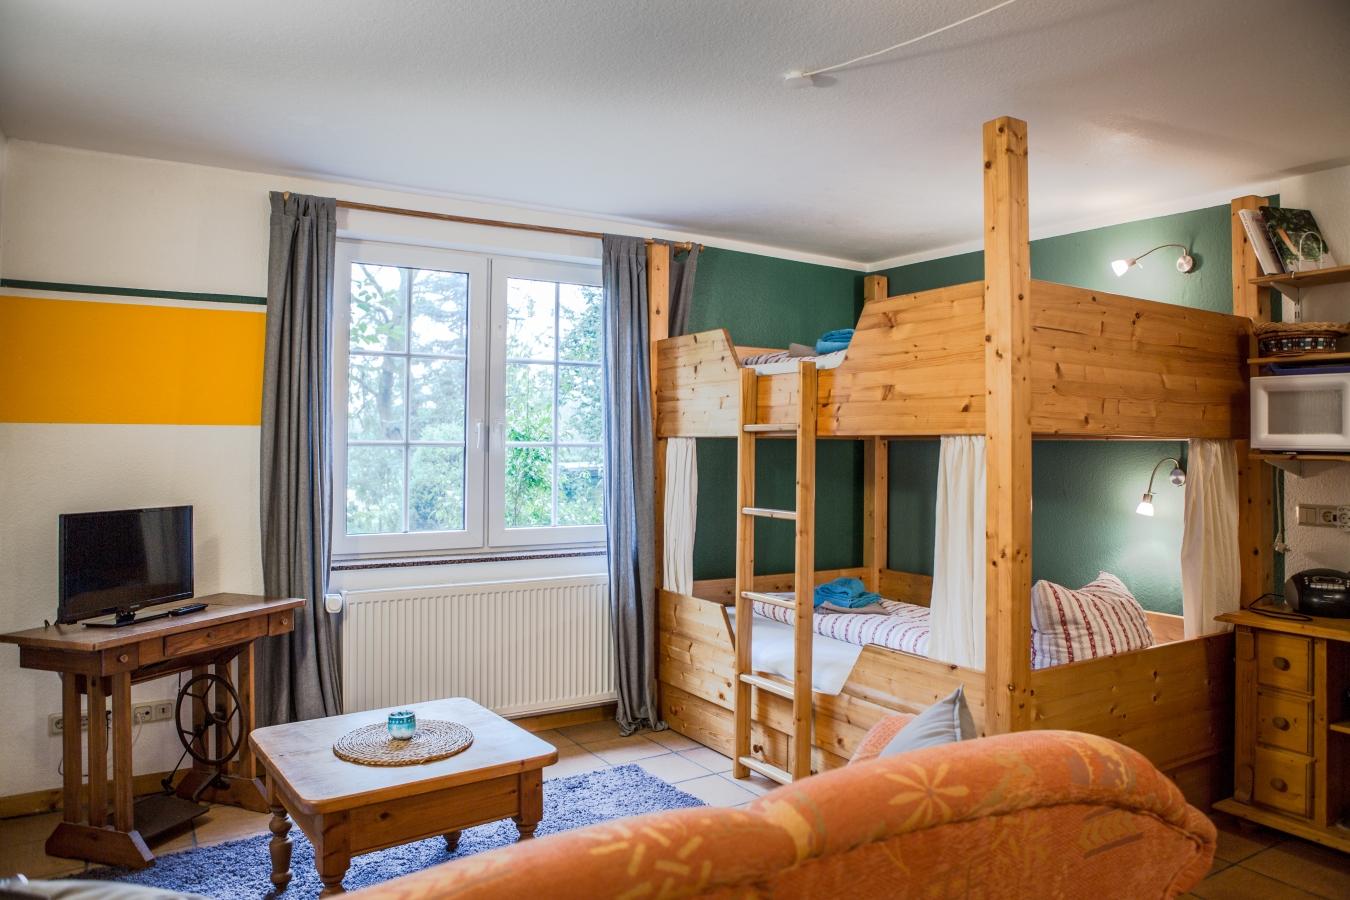 Landhaus Brenner, Alt Güstelitz - WE 1, Blick zum Bett